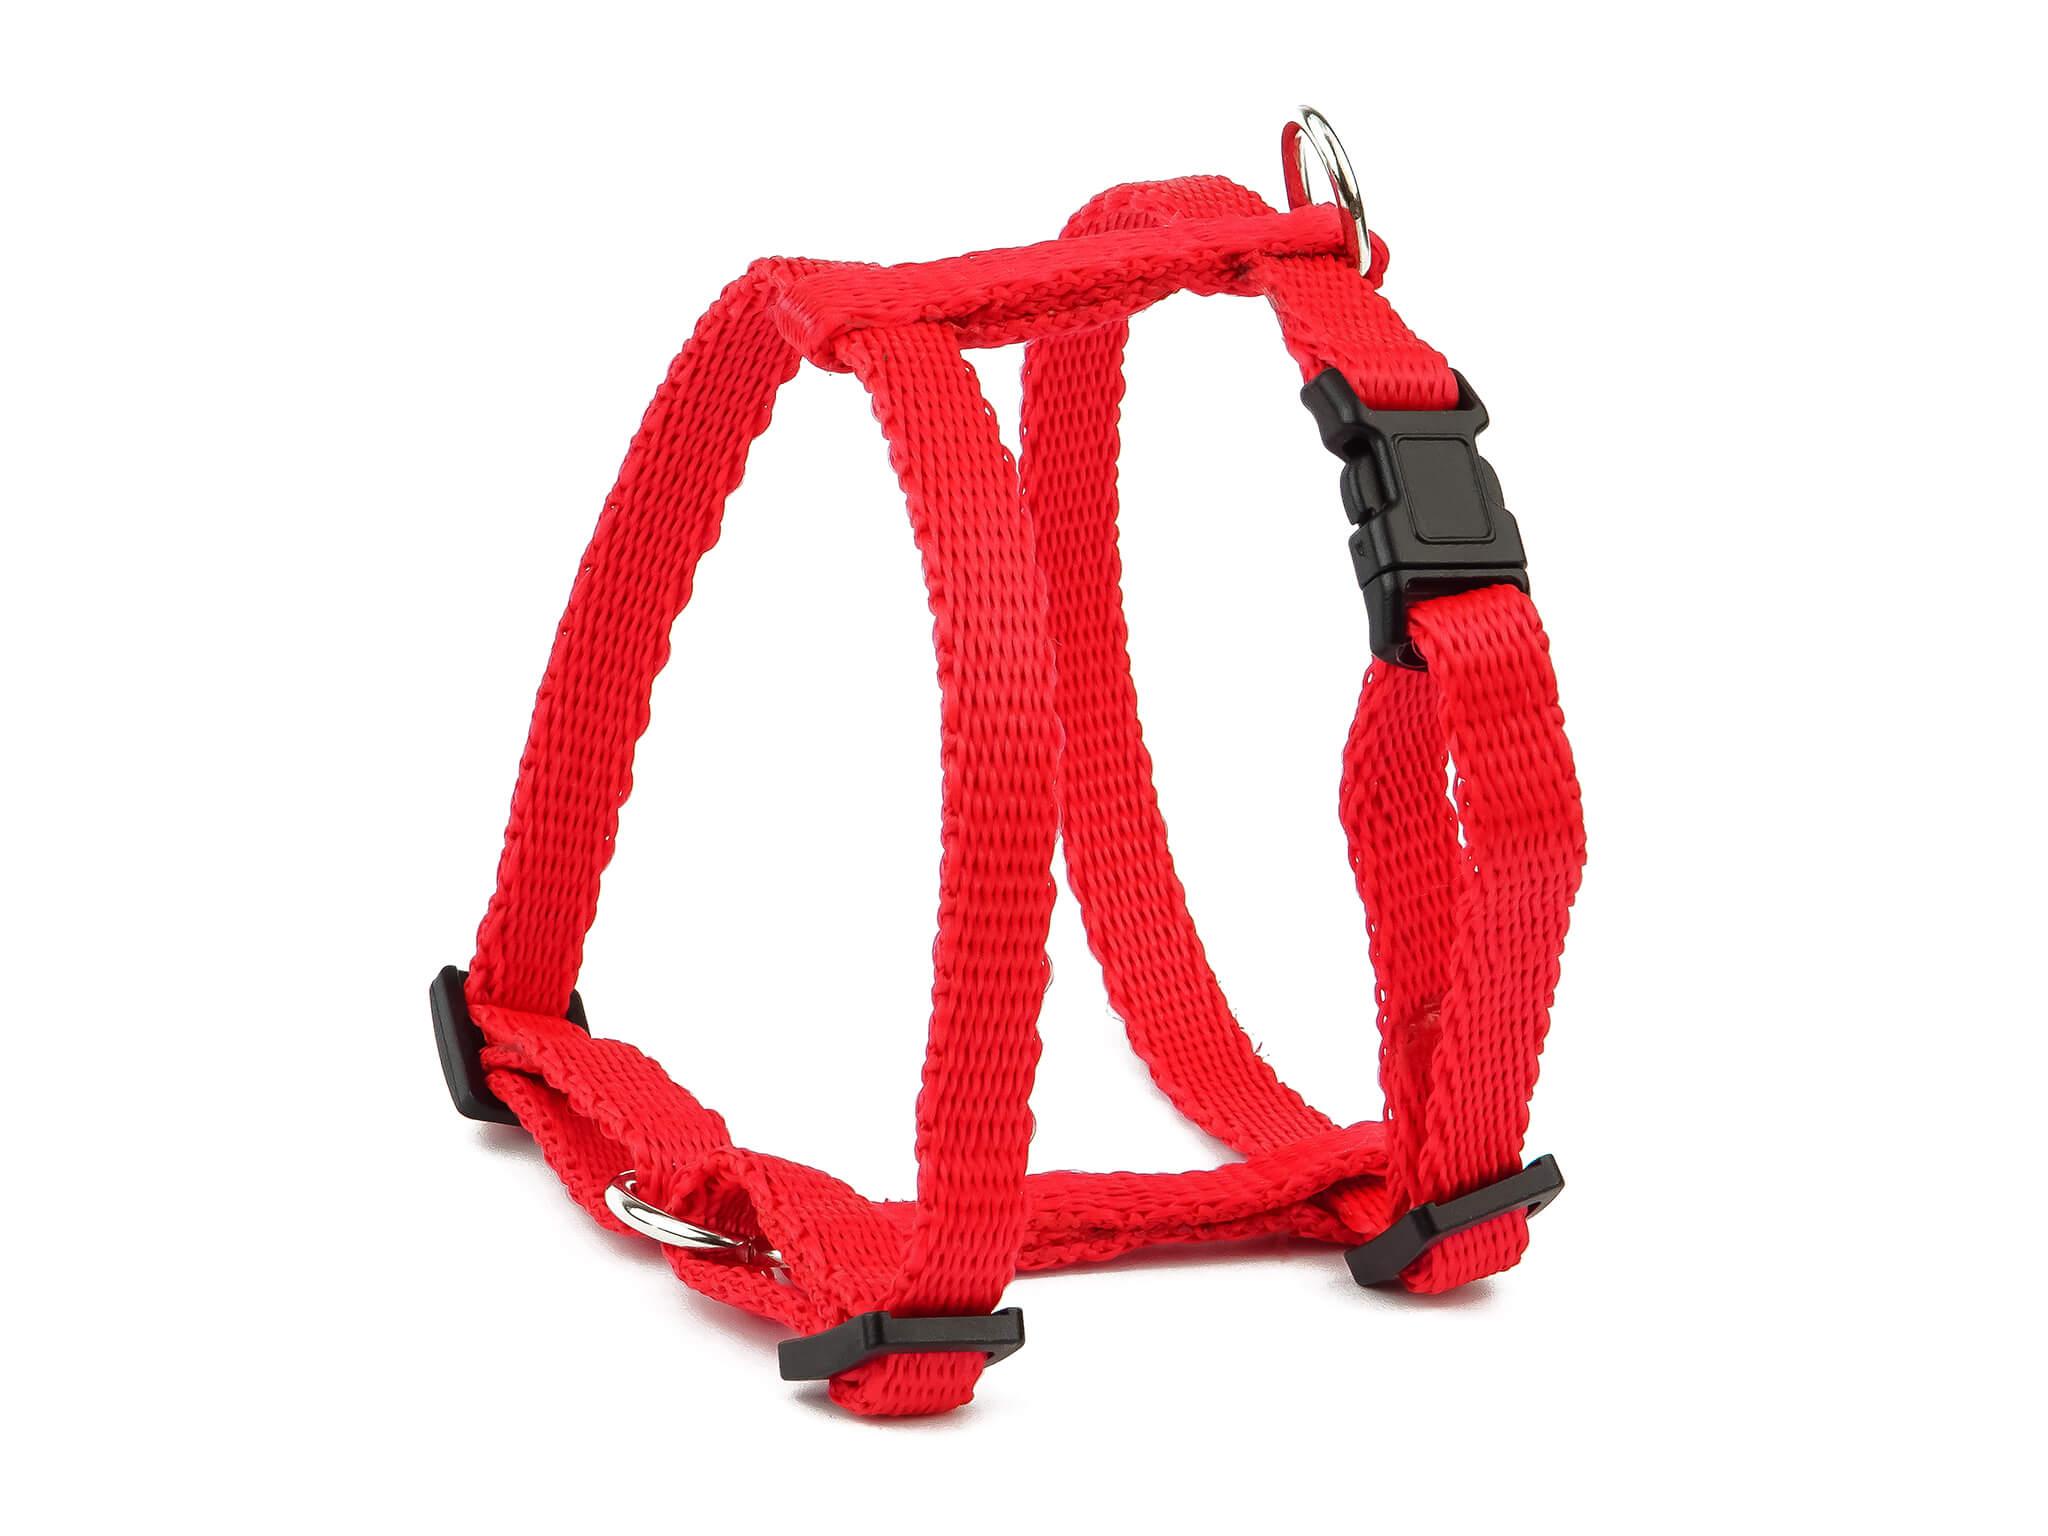 Levně Vsepropejska Standard postroj pro psa | 22 – 63 cm Barva: Červená, Obvod hrudníku: 38 - 63 cm